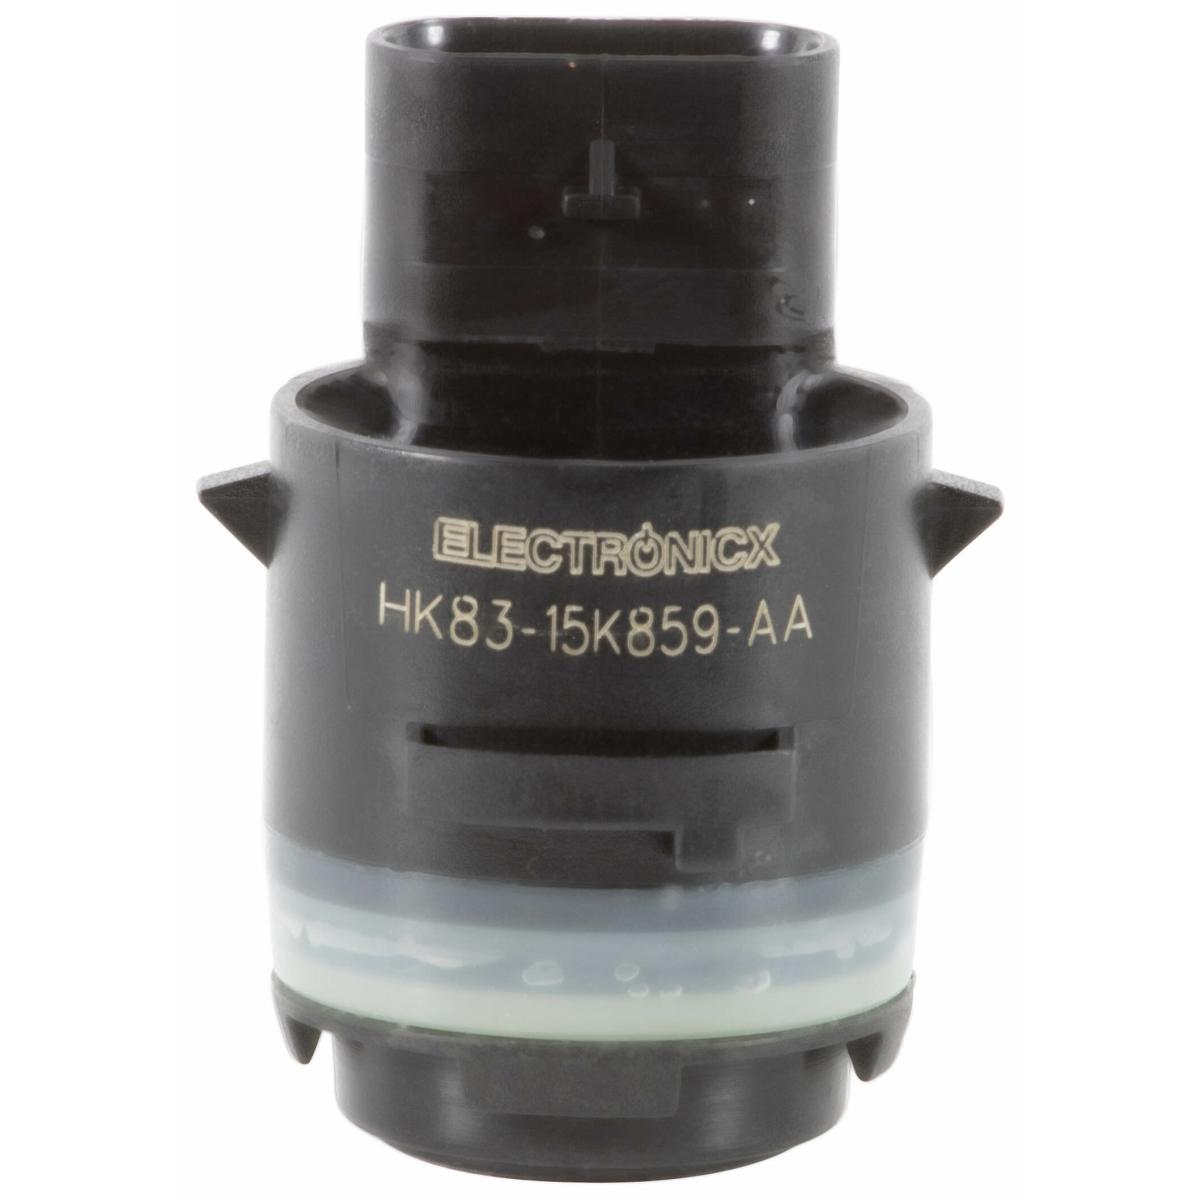 Park sensor HK83-15K859-AA for Land Rover PDC Parktronic